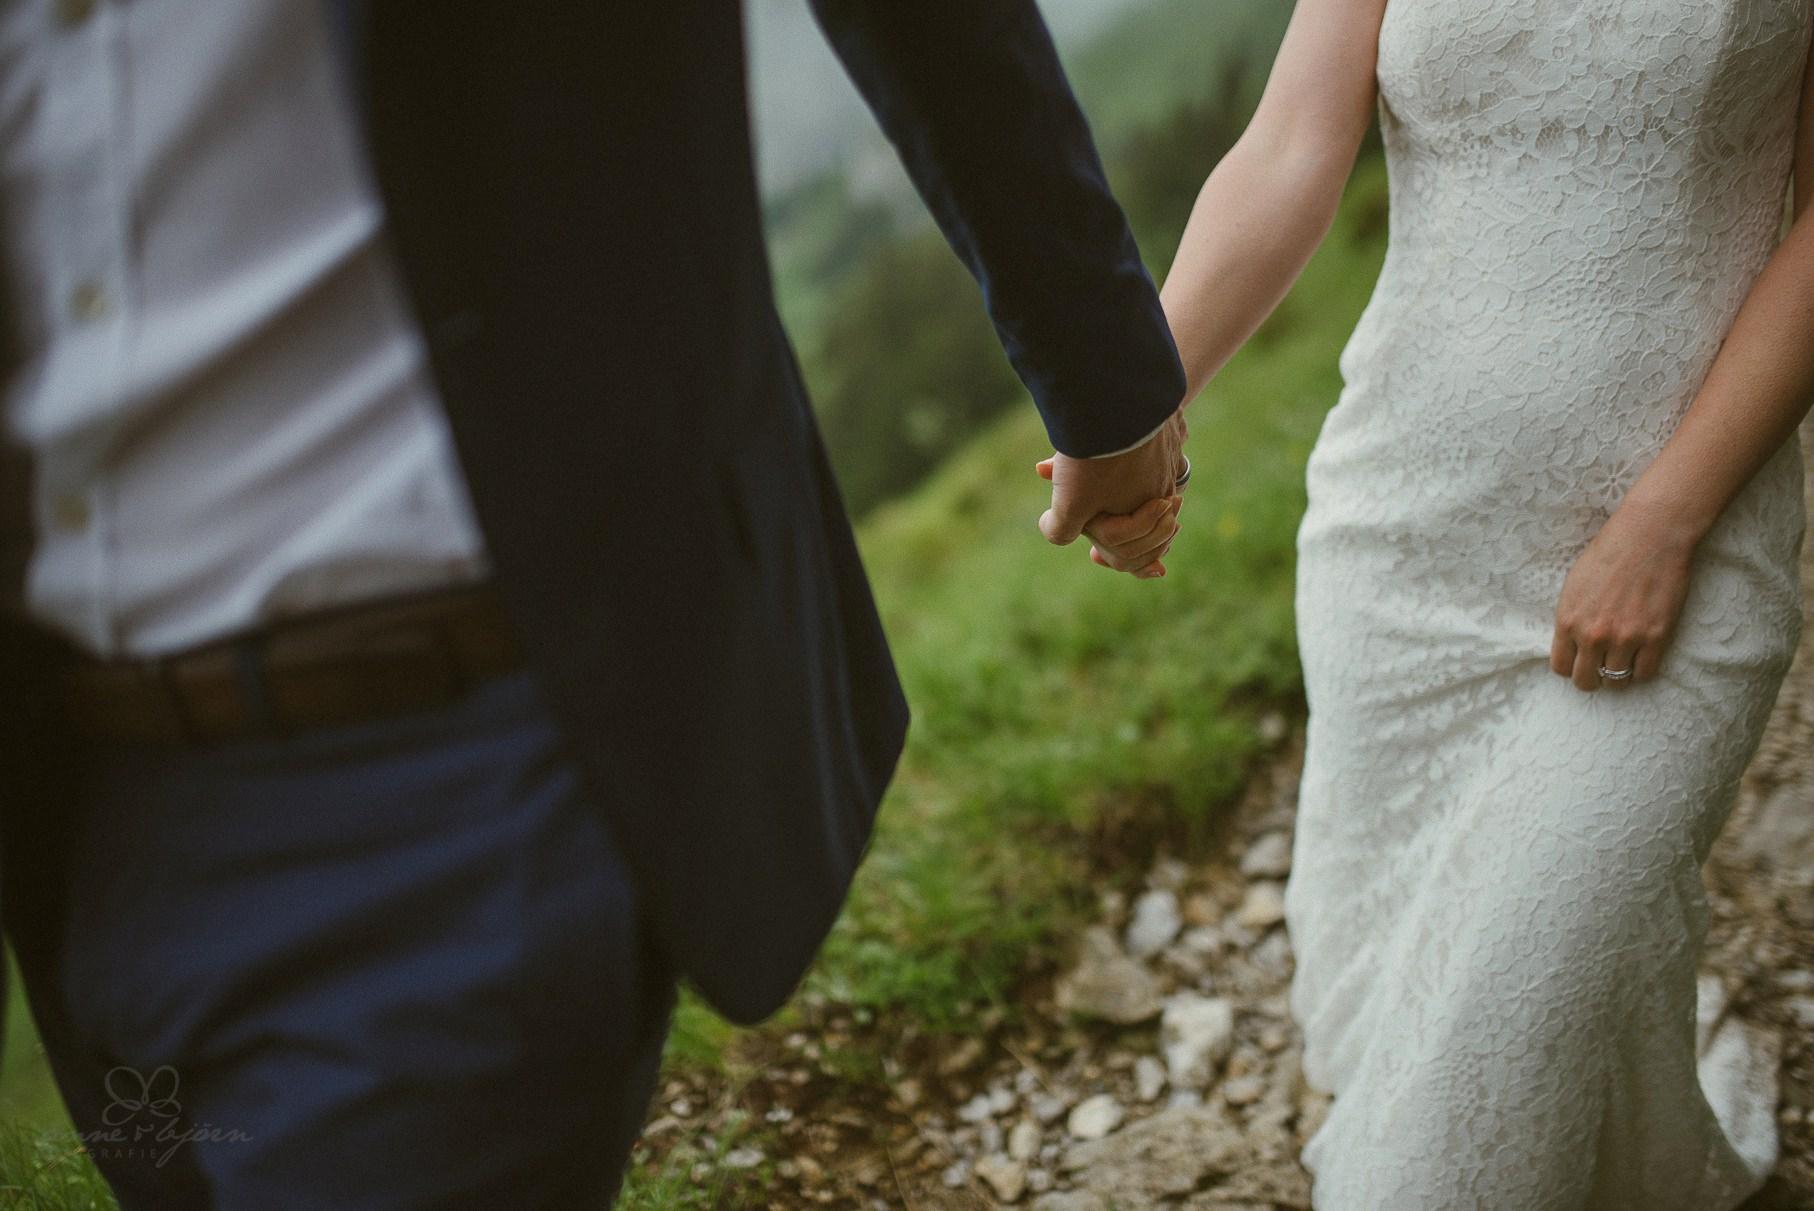 0029 anne und bjoern suc schweiz d75 3270 - After Wedding Shooting in der Schweiz - Sabrina & Christoph